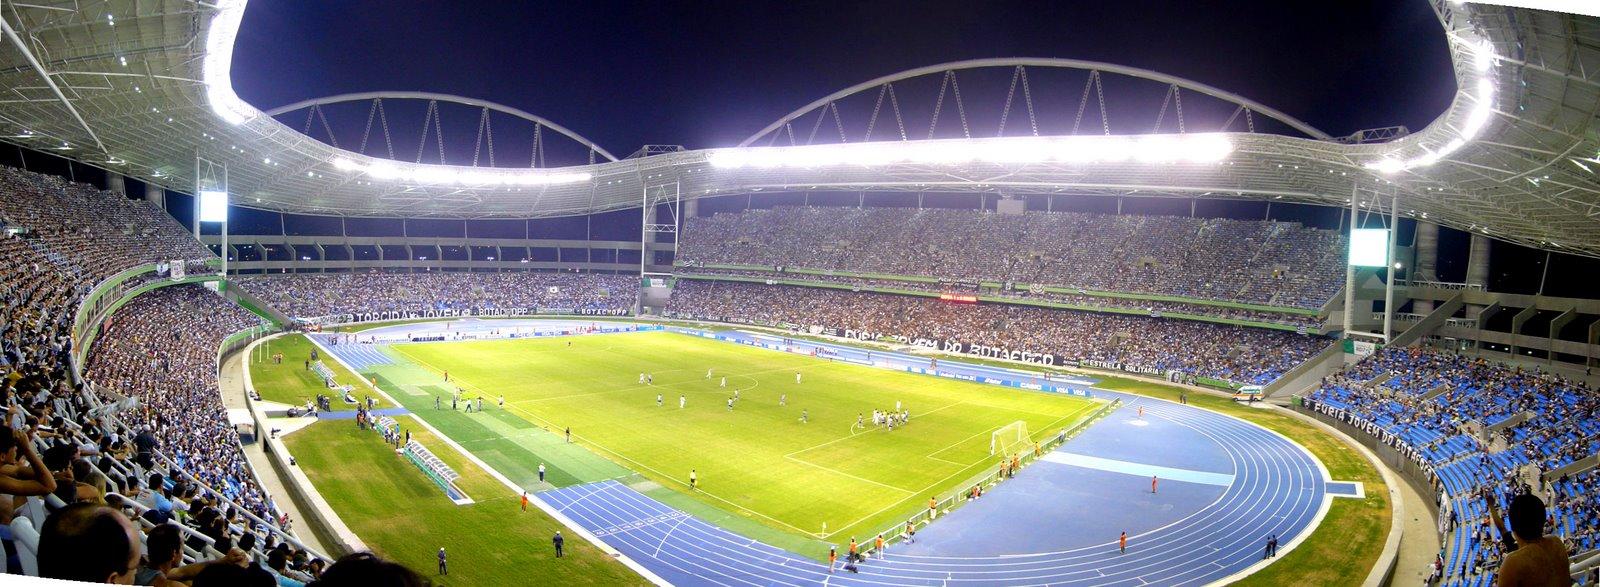 João Havelange Stadion